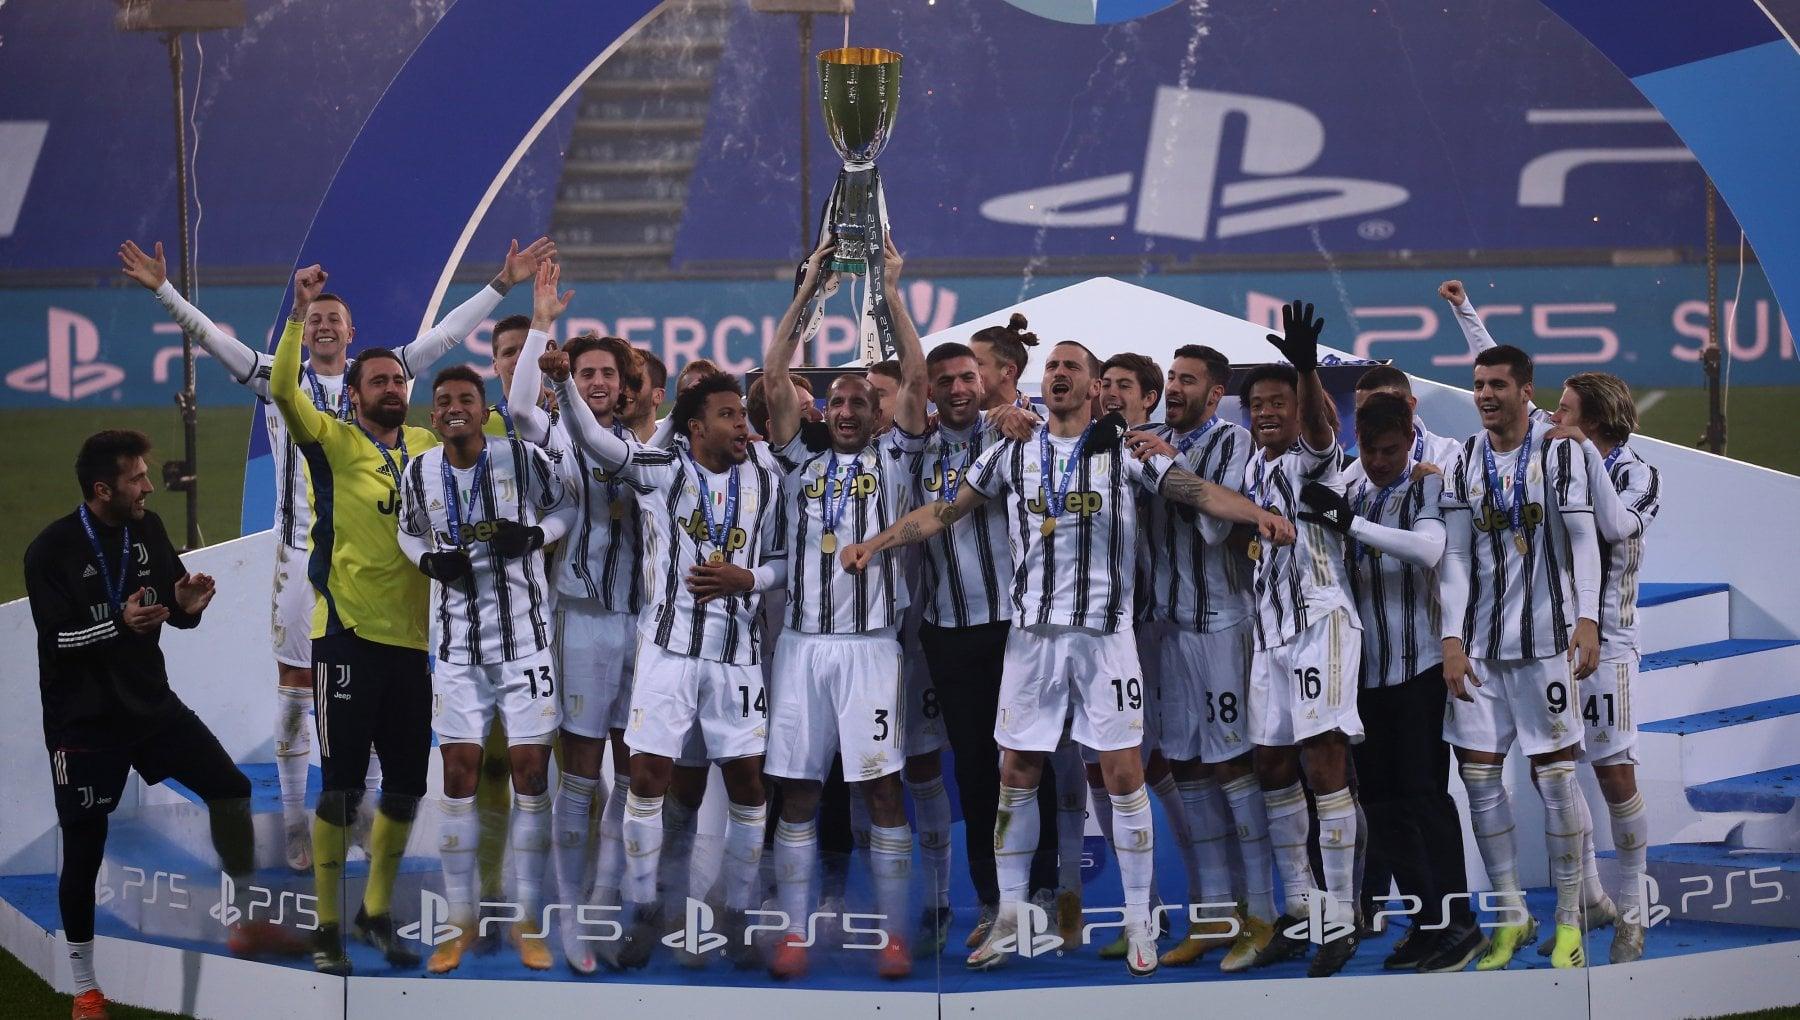 Supercoppa Juventus Napoli 2 0 Ronaldo e Morata gol. Insigne rigore fatale